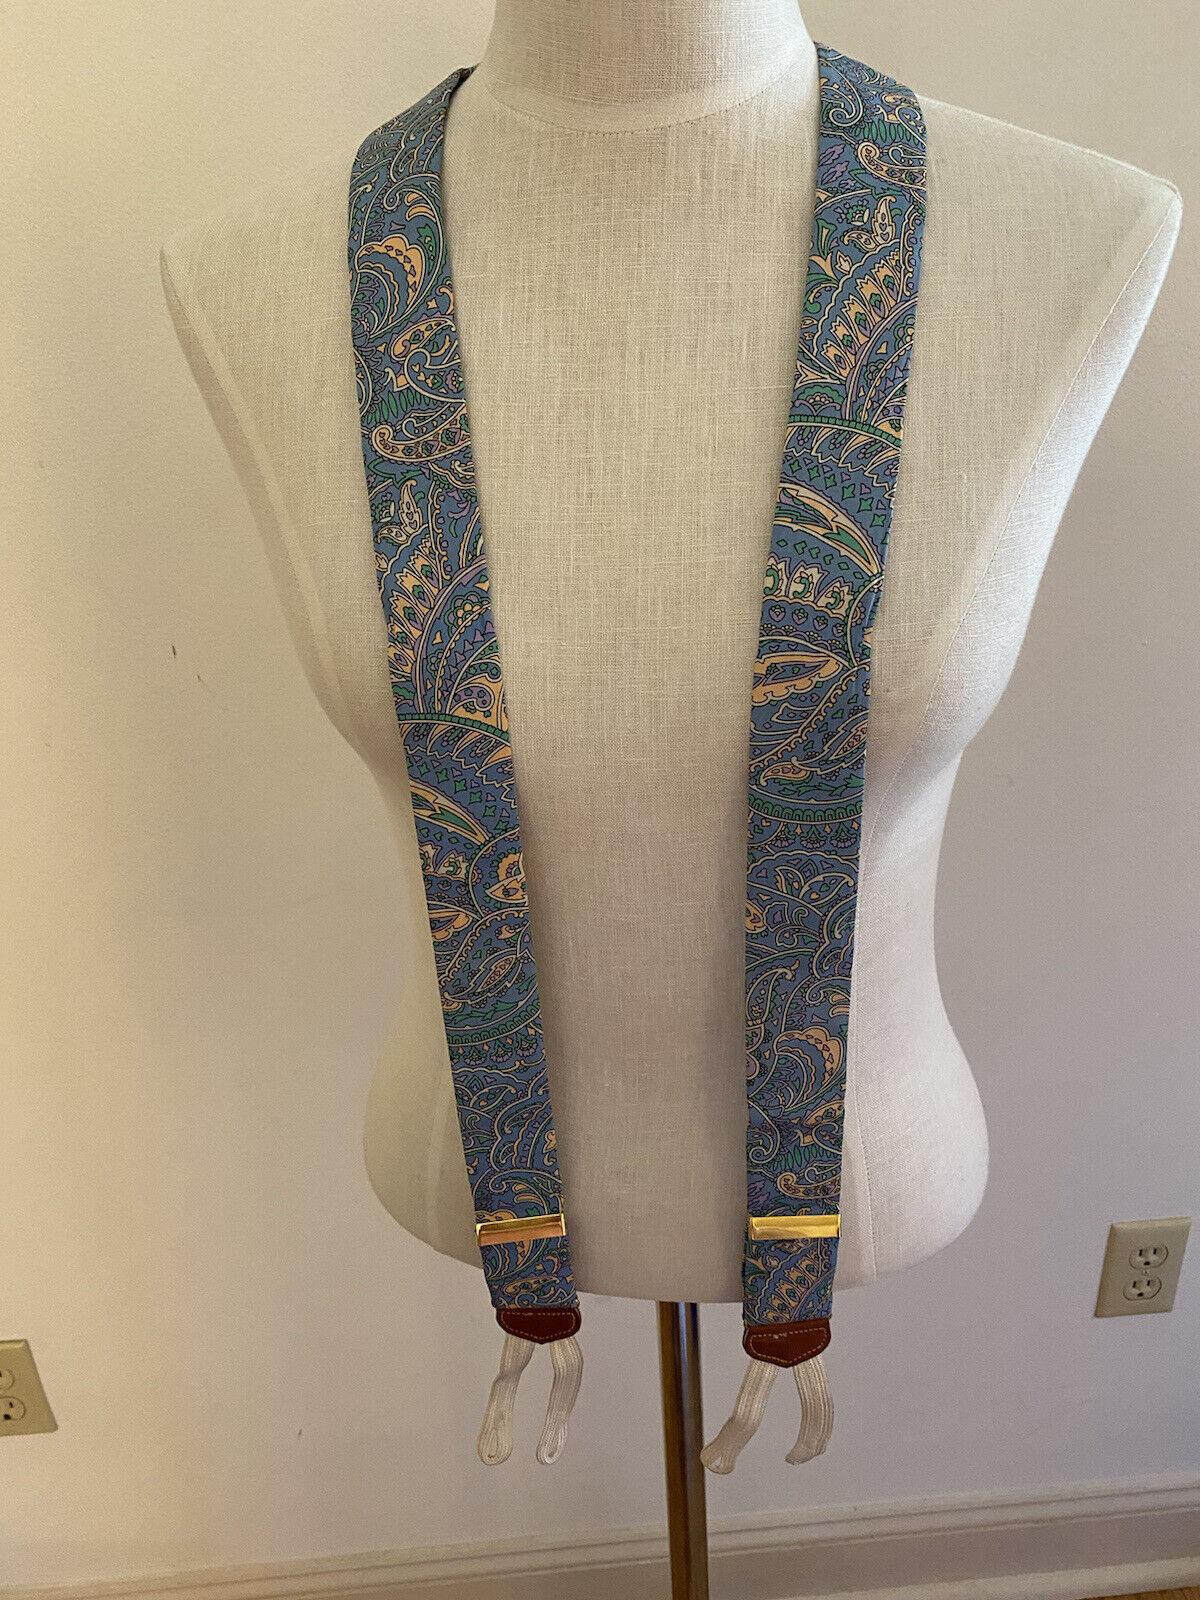 Tregalgar Suspenders blue paisley print cream lavender leather EUC